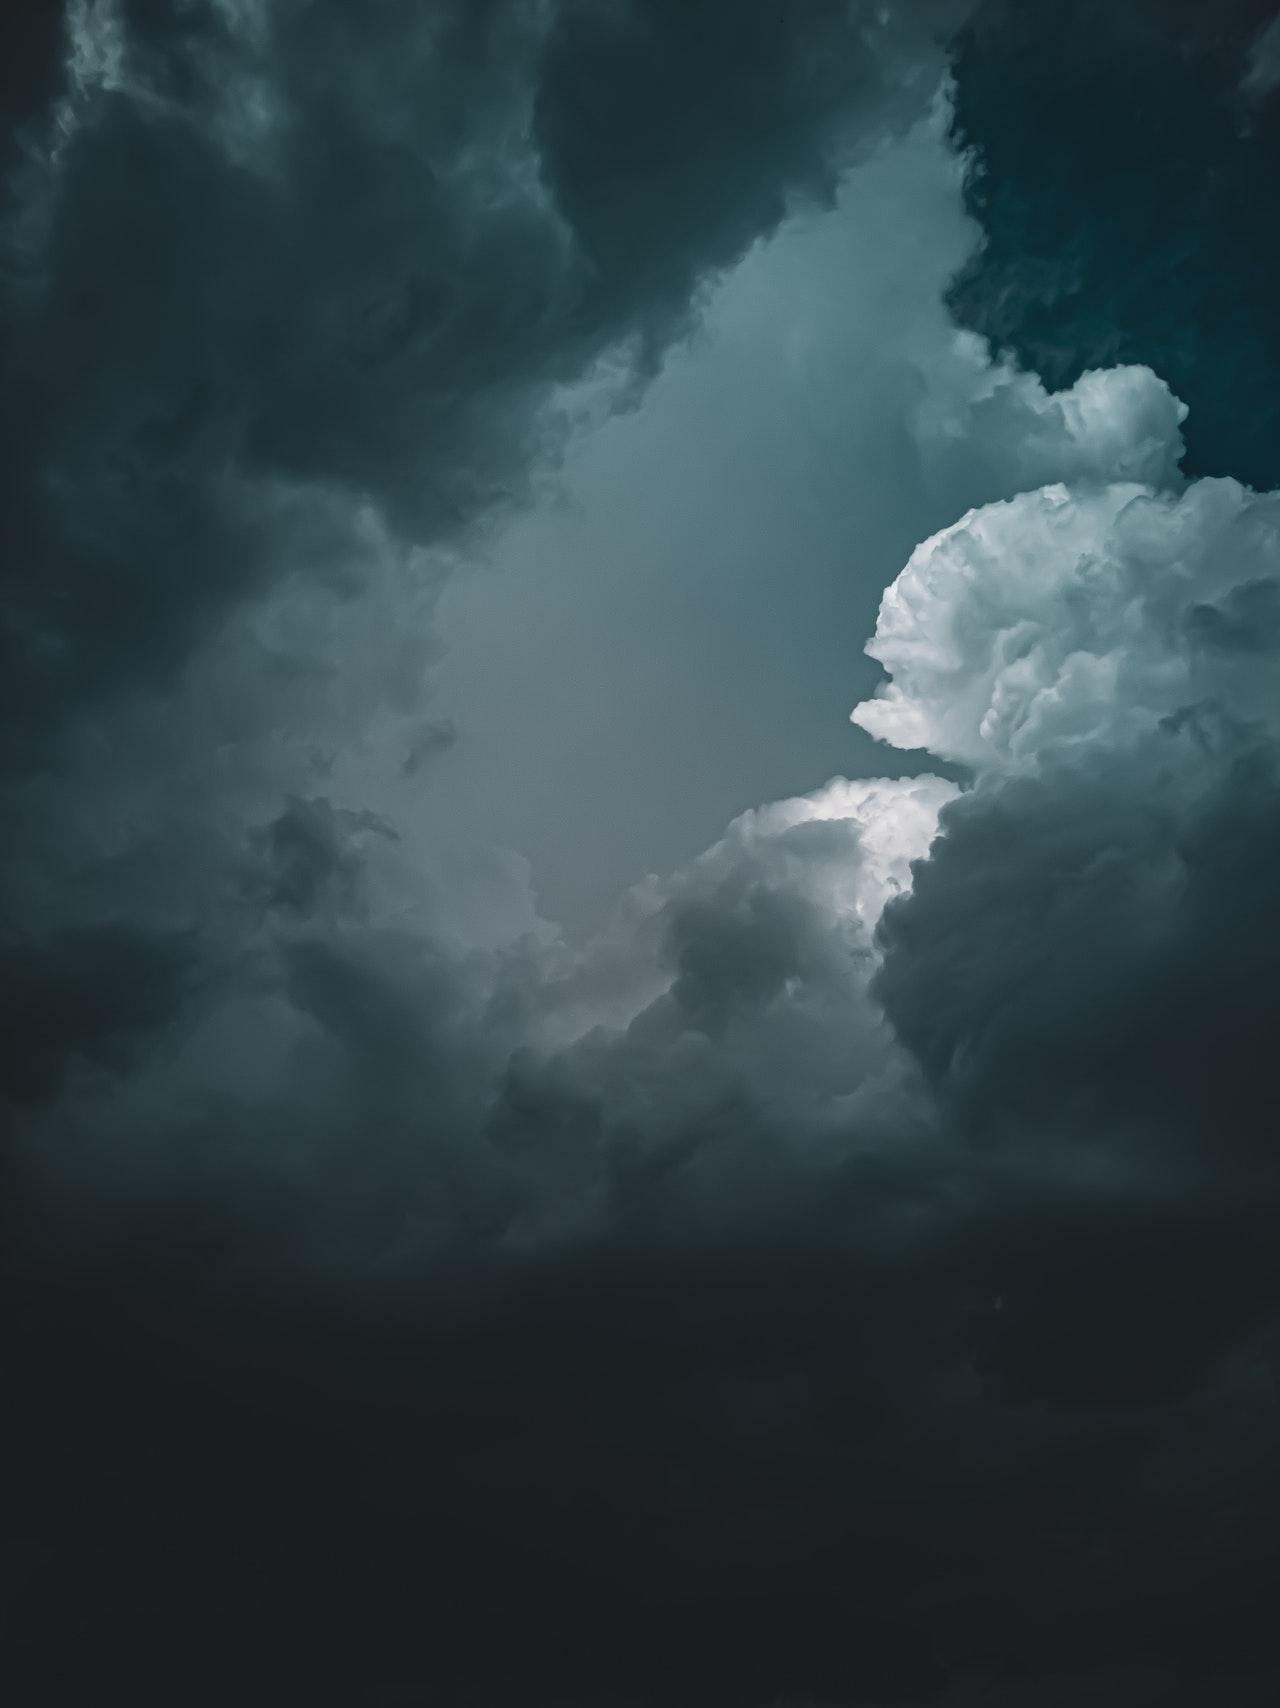 صور غيوم - خلفيات غيوم سماء للتصميم 2021